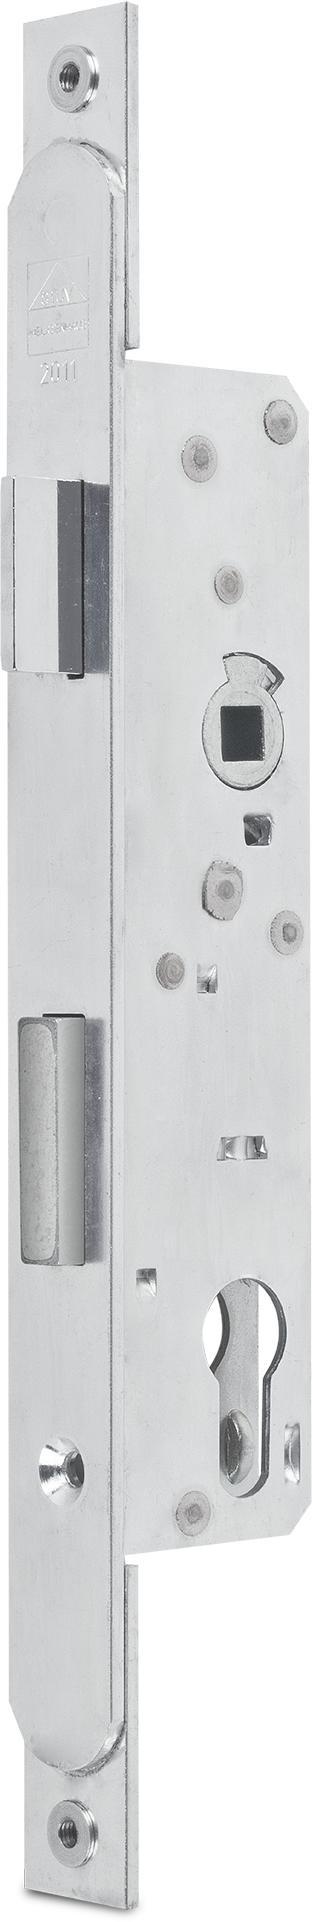 Einsteckschloss mit Wechsel PZ gelocht Dornmaß 30 mm, Enfernung 92 mm Falle und Riegel 5 mm vorstehend, Stulp Stahl verzinkt abgerundet mit unterlegten Laschen und Gewinde M5, DIN rechts